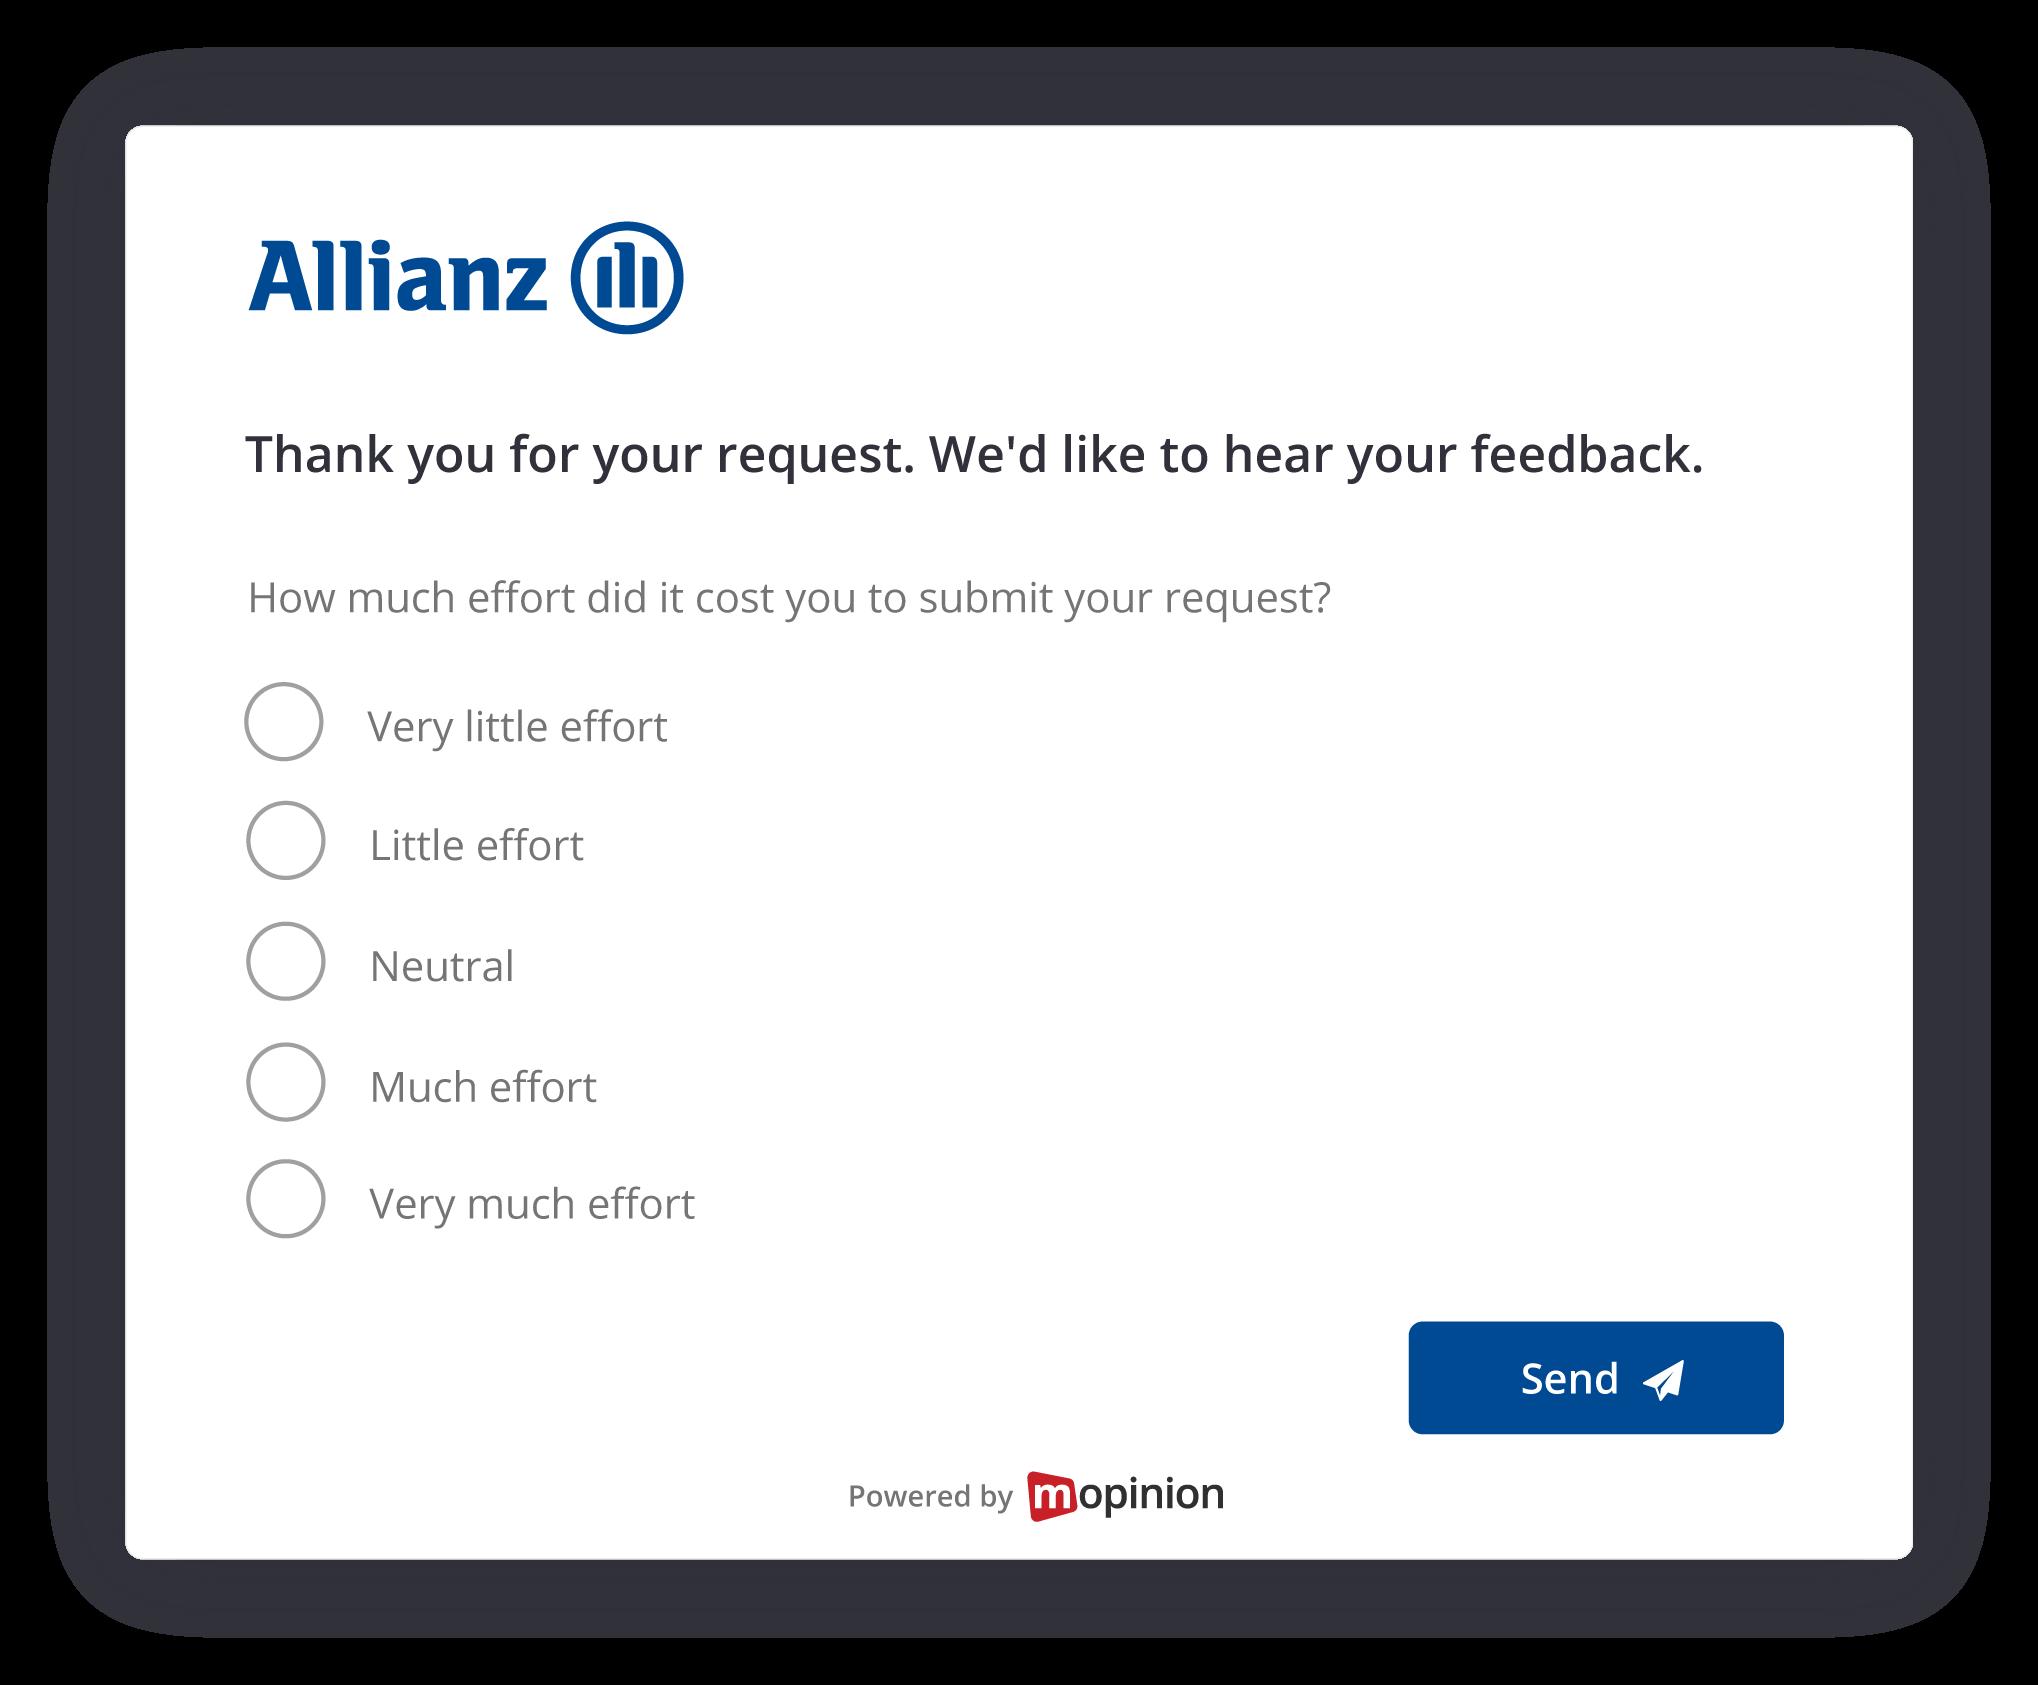 CES VoC Survey on Allianz website